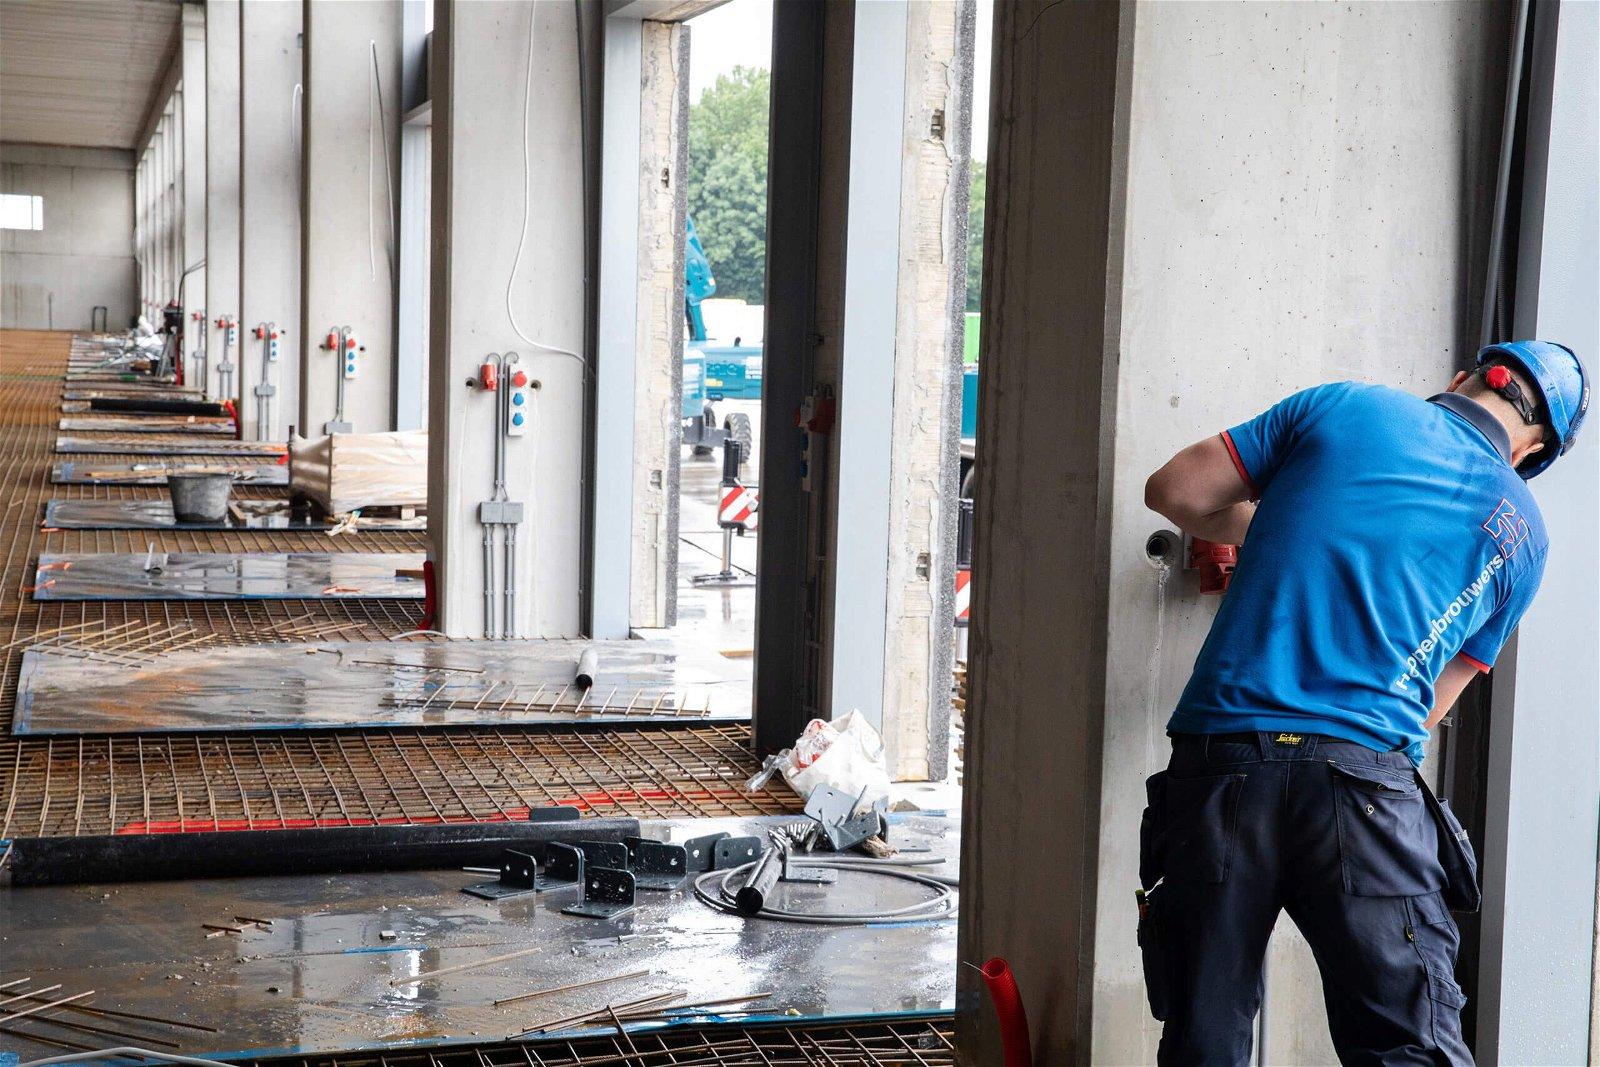 Zalando bleiswijk distributie centrum